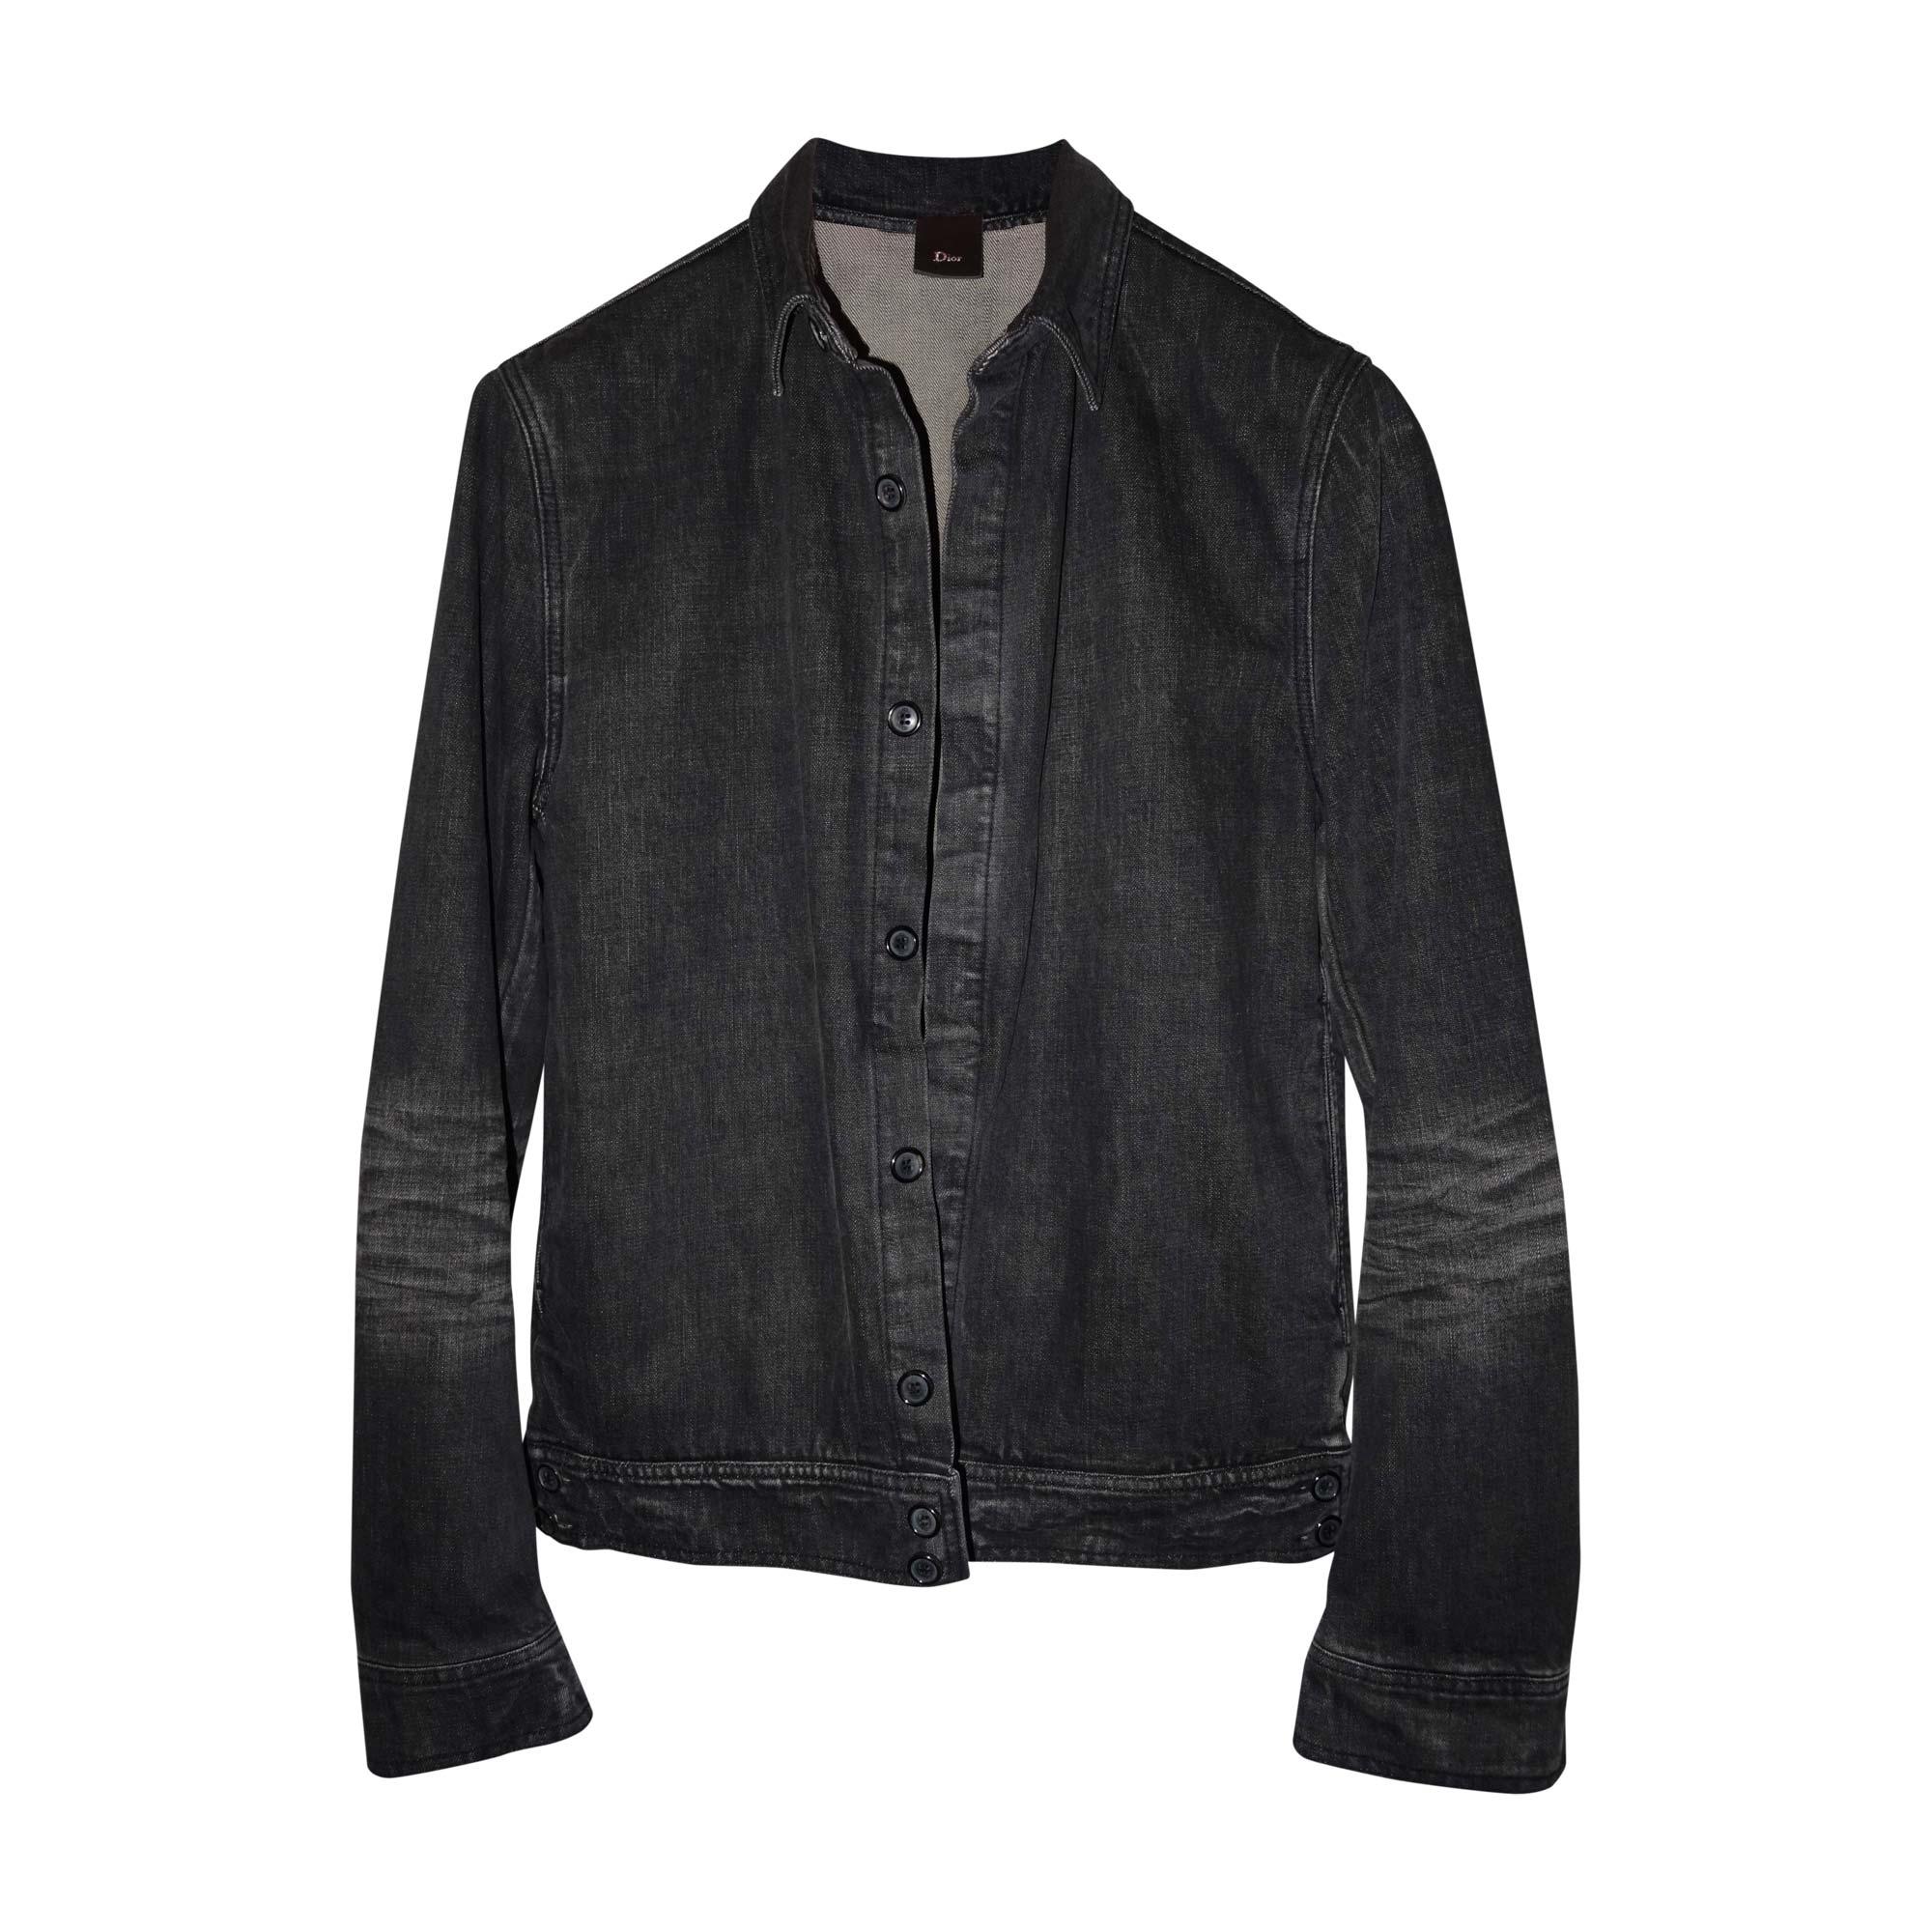 80c49c55abd Veste en jean DIOR HOMME 54 (L) noir - 7001166